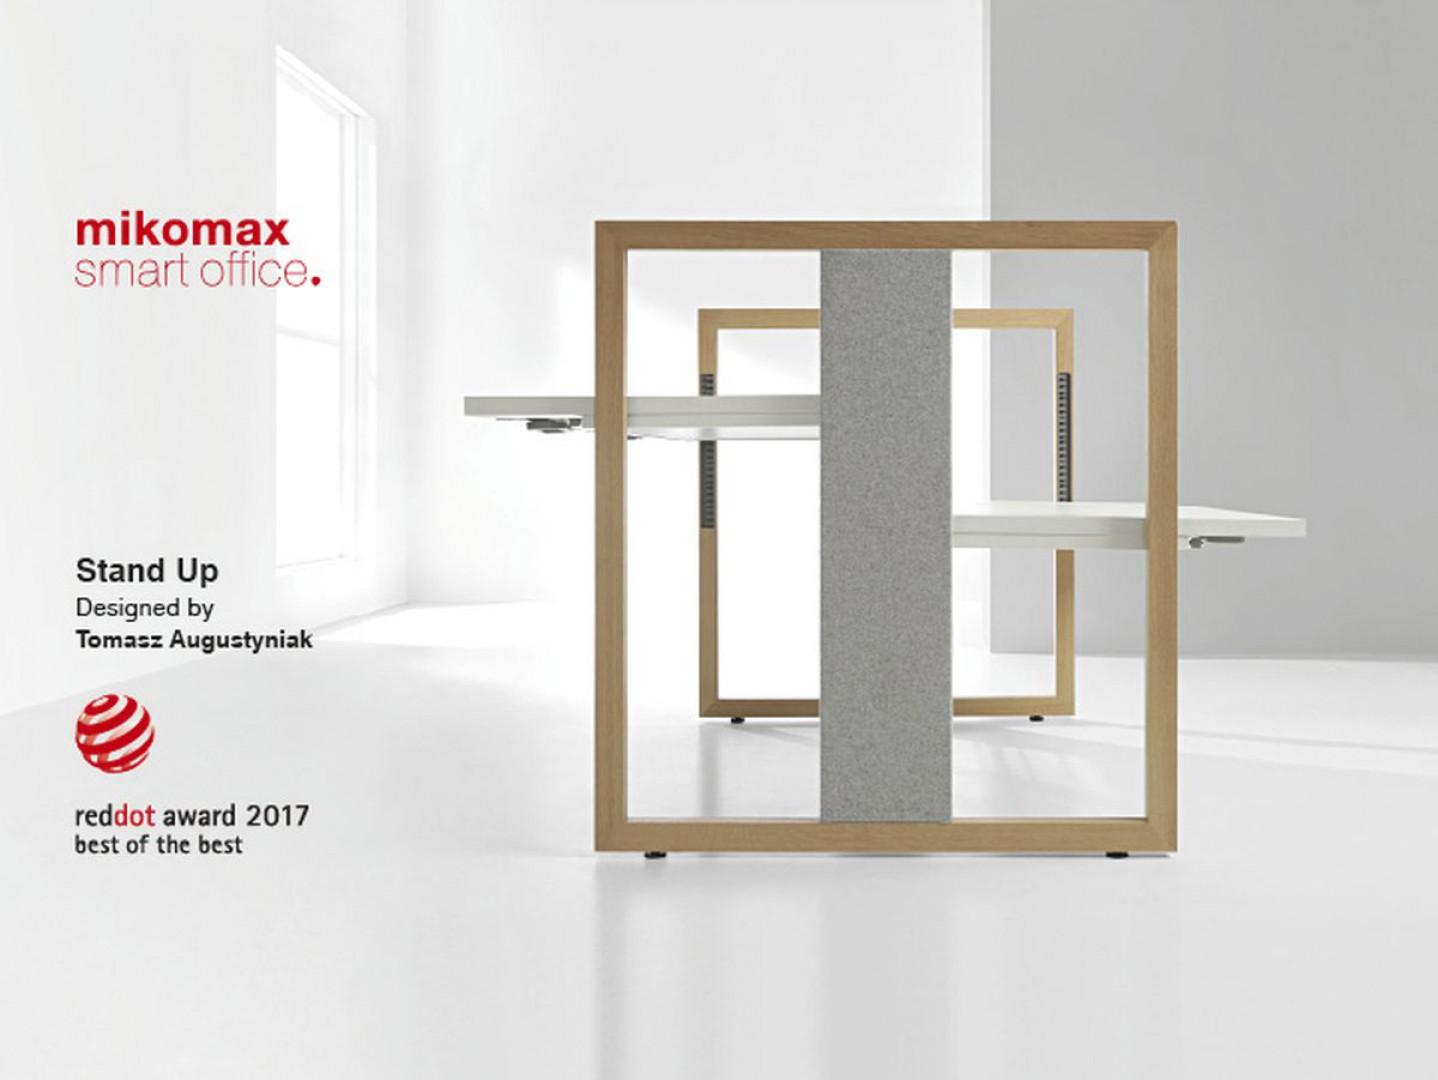 Biurko Stand Up firmy Mikomax Smart Office otrzymało w tym roku nagrodę Best of the Best w kategorii Product Design 2017. Fot. Mikomax Smart Office